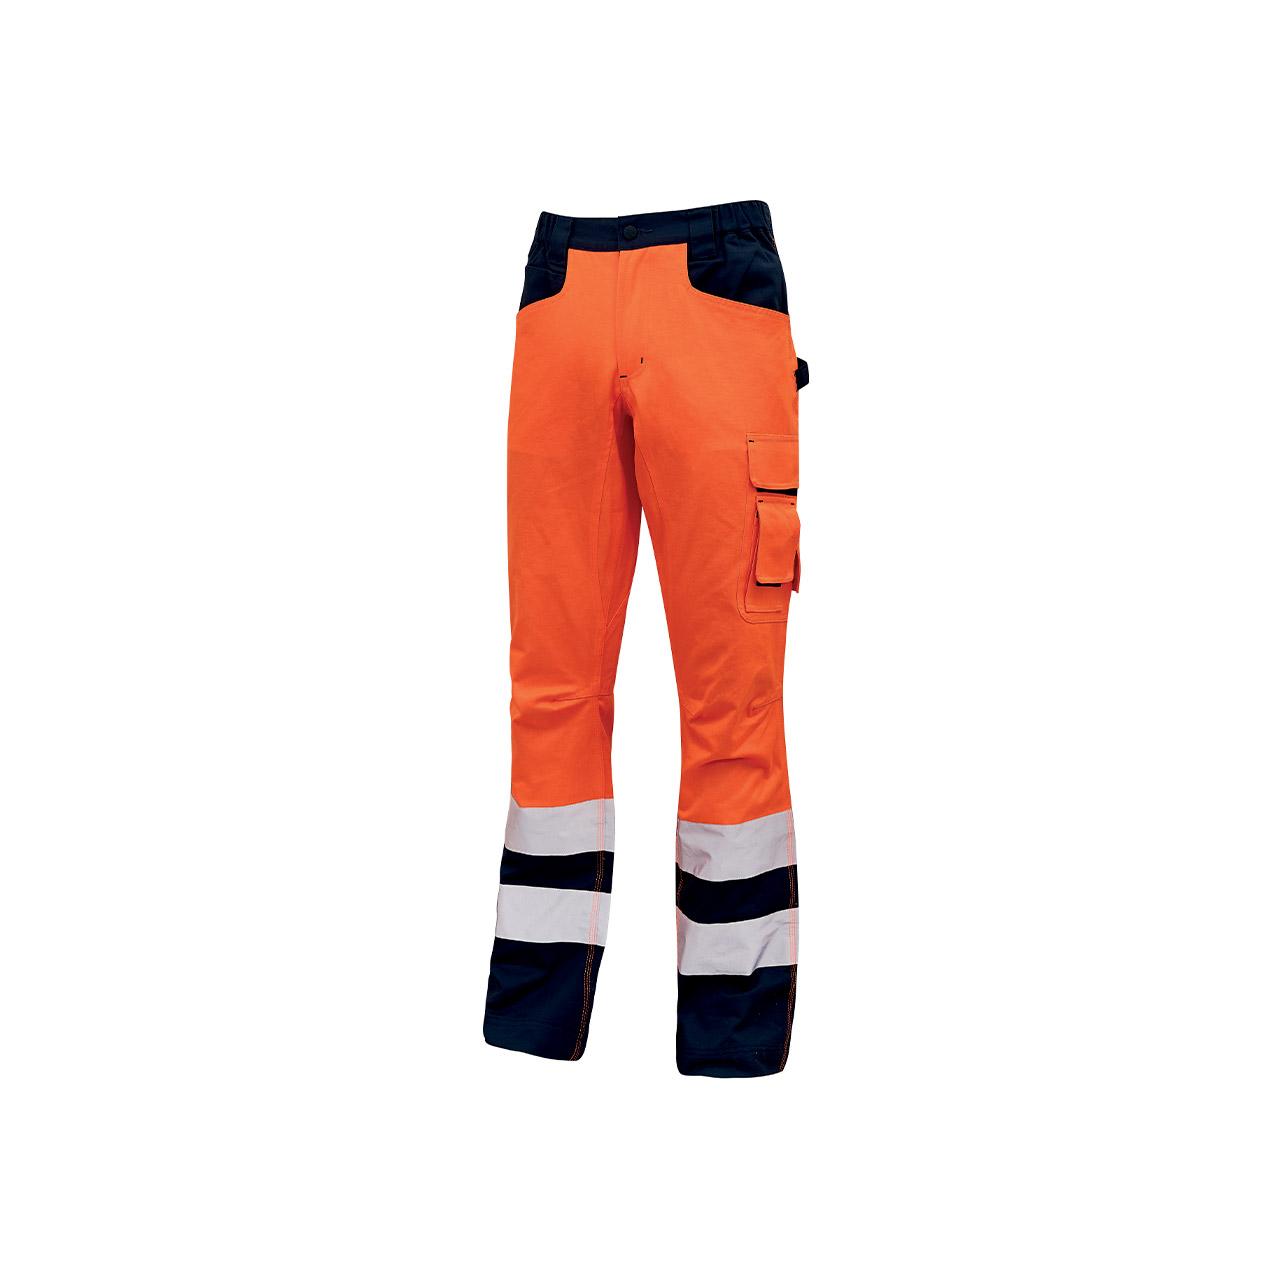 pantalone da lavoro upower modello beacon colore orange